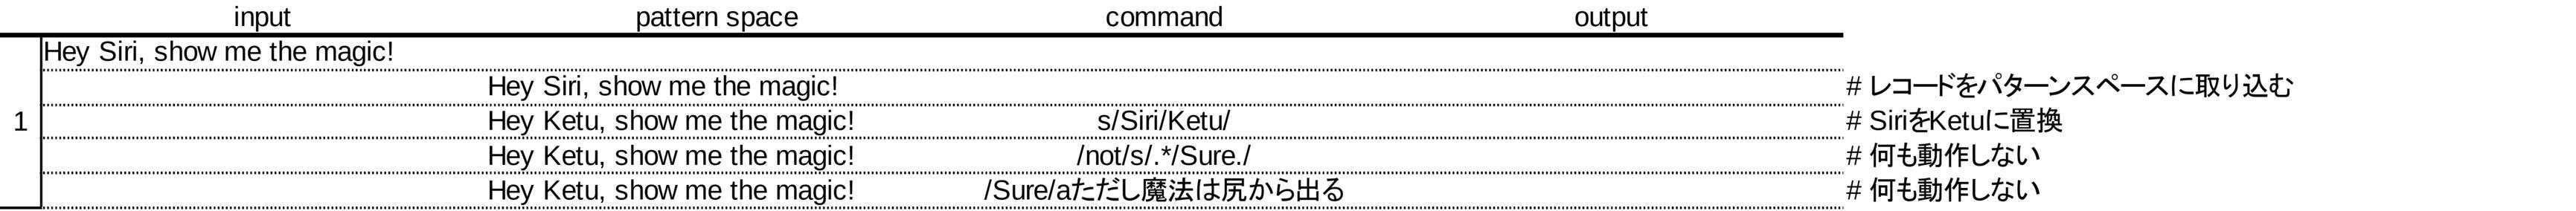 fig1-1-3.jpg